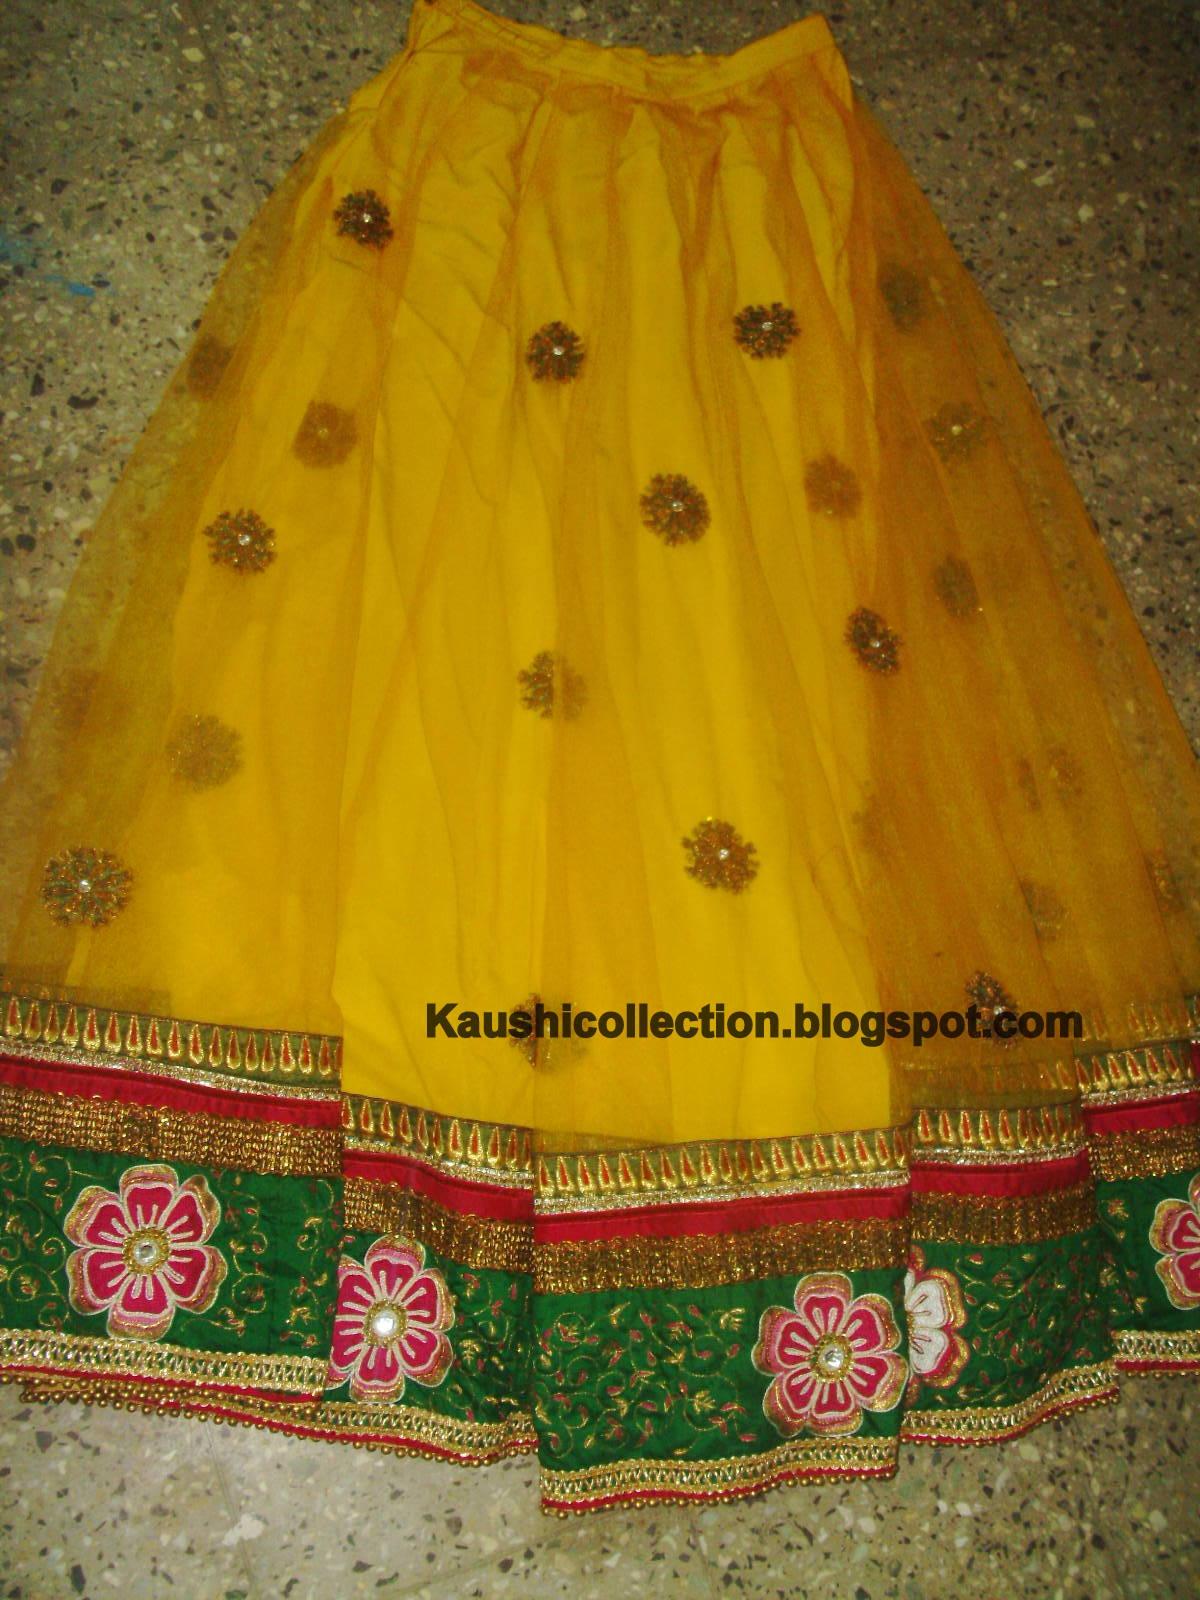 Lanhga Images Sparkling Fashio...